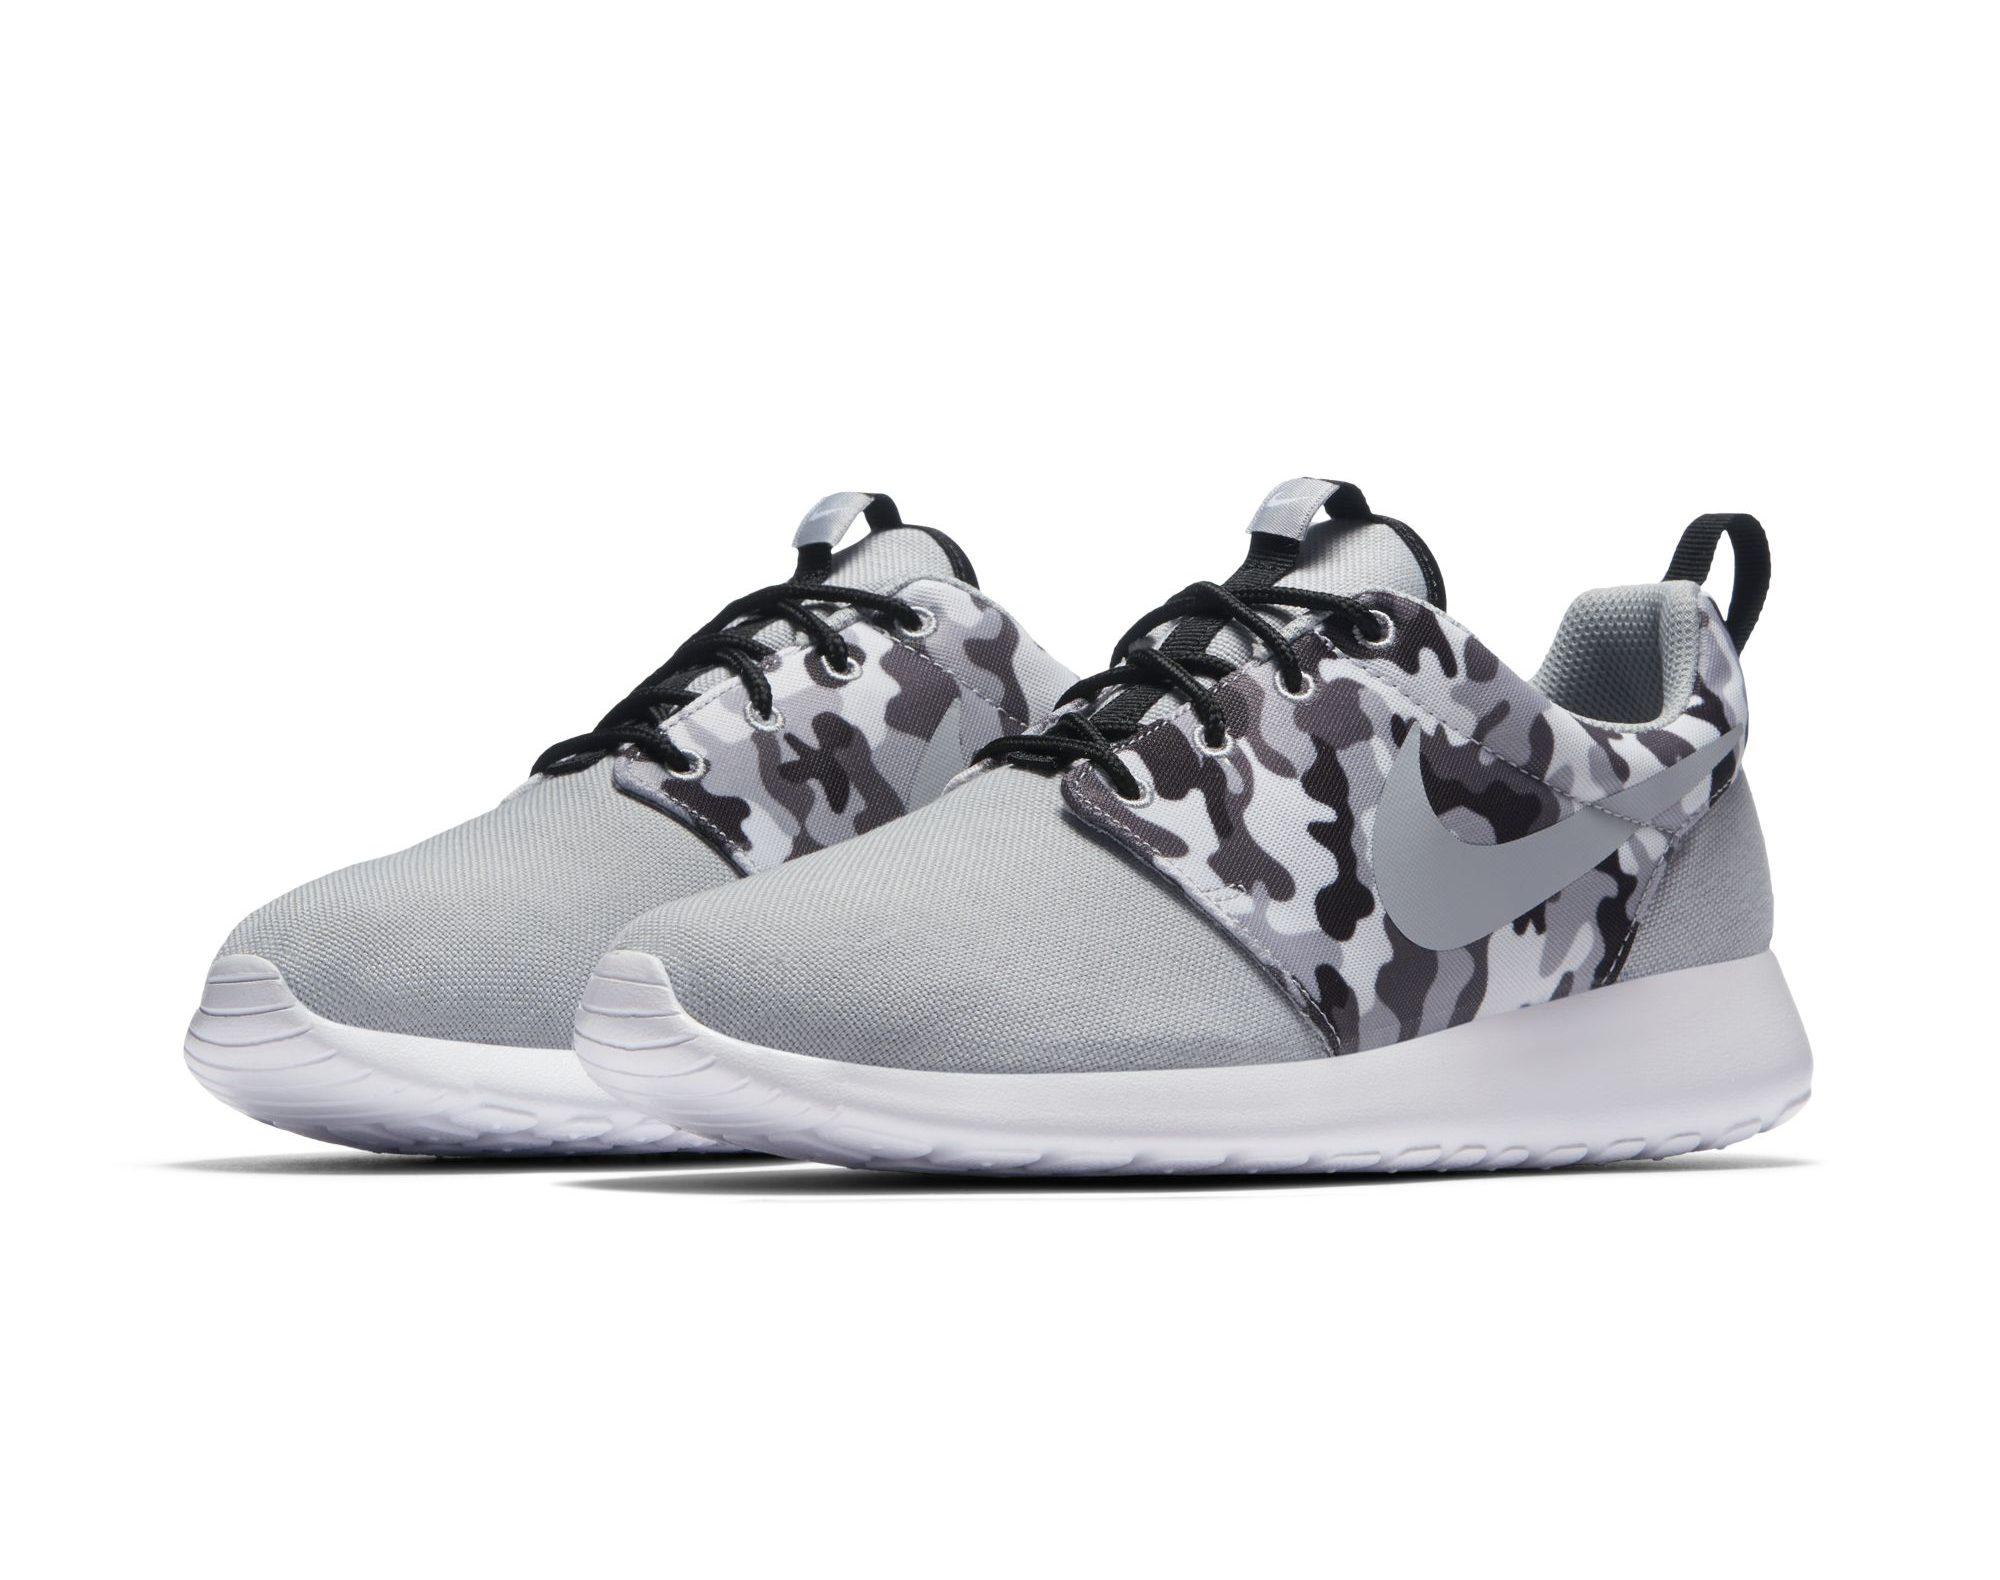 Latest Nike Roshe One SE Pack Uses Camo